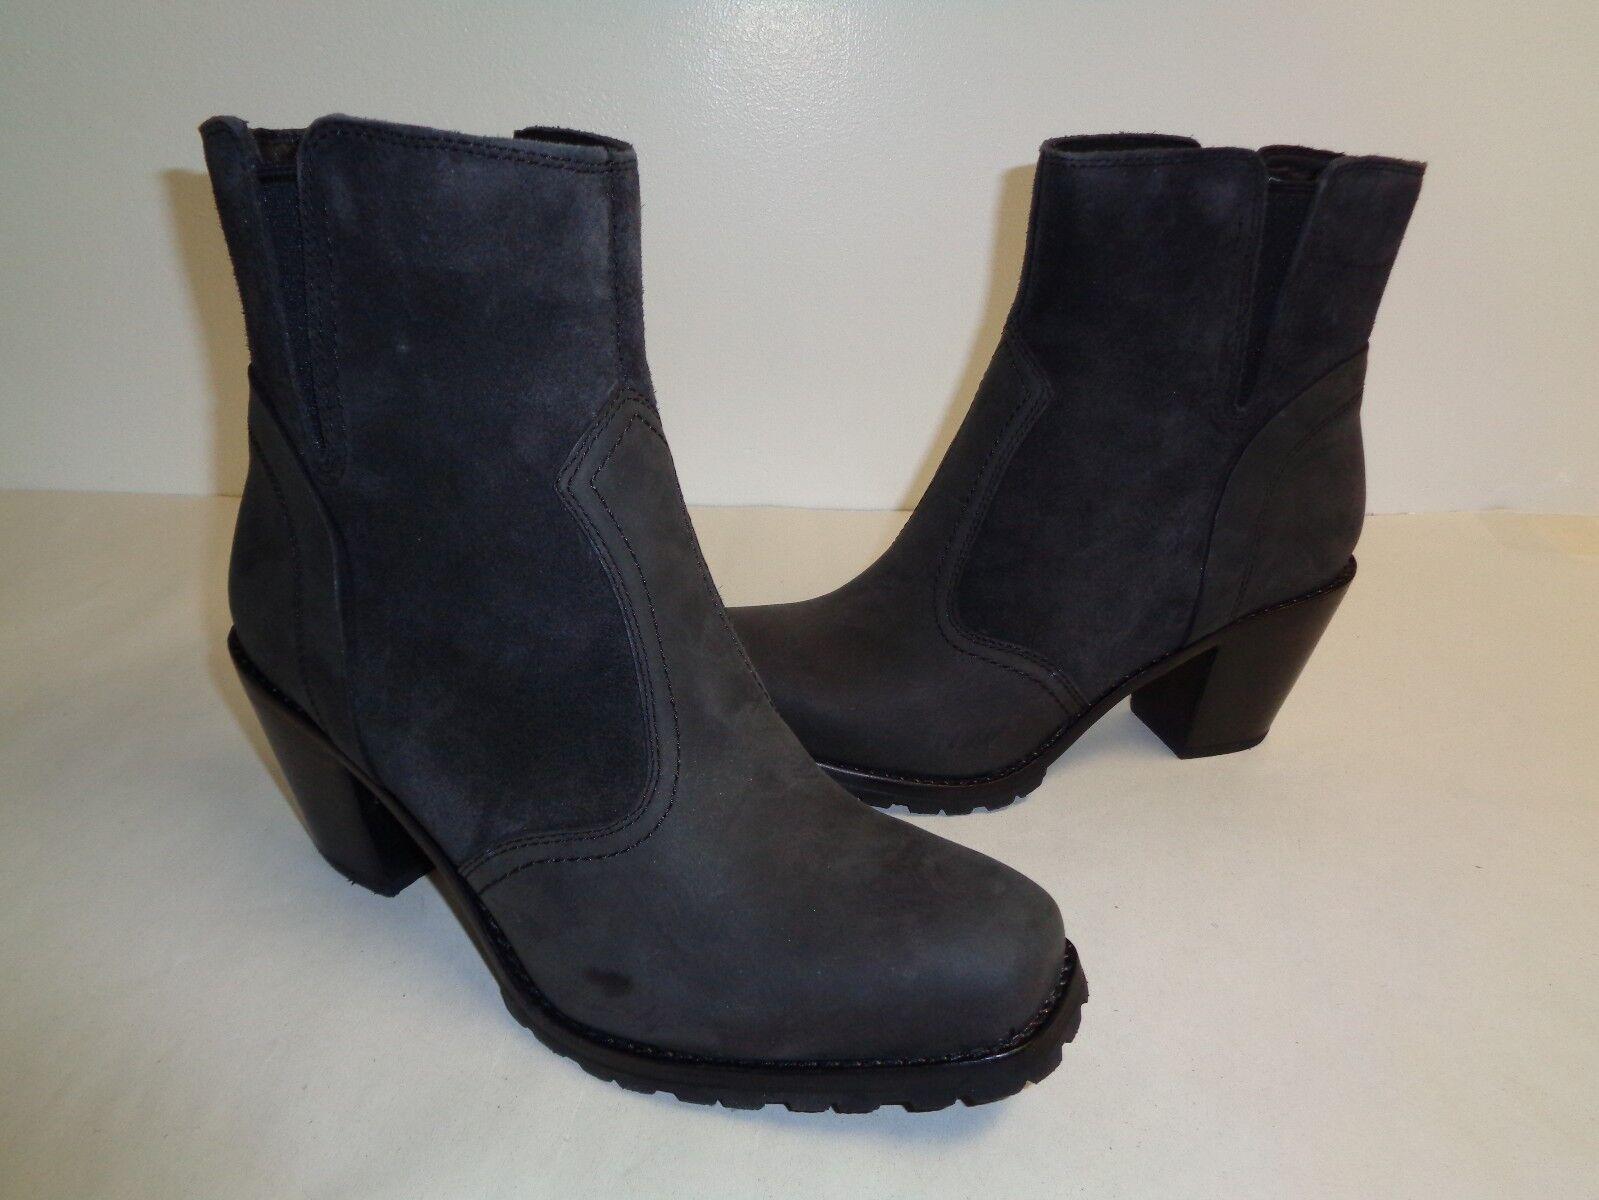 Woolrich Talla 9.5 Kiva gris gris gris Humo De Invierno botas Zapatos para mujer nuevo occidental de cuero f3d2f1